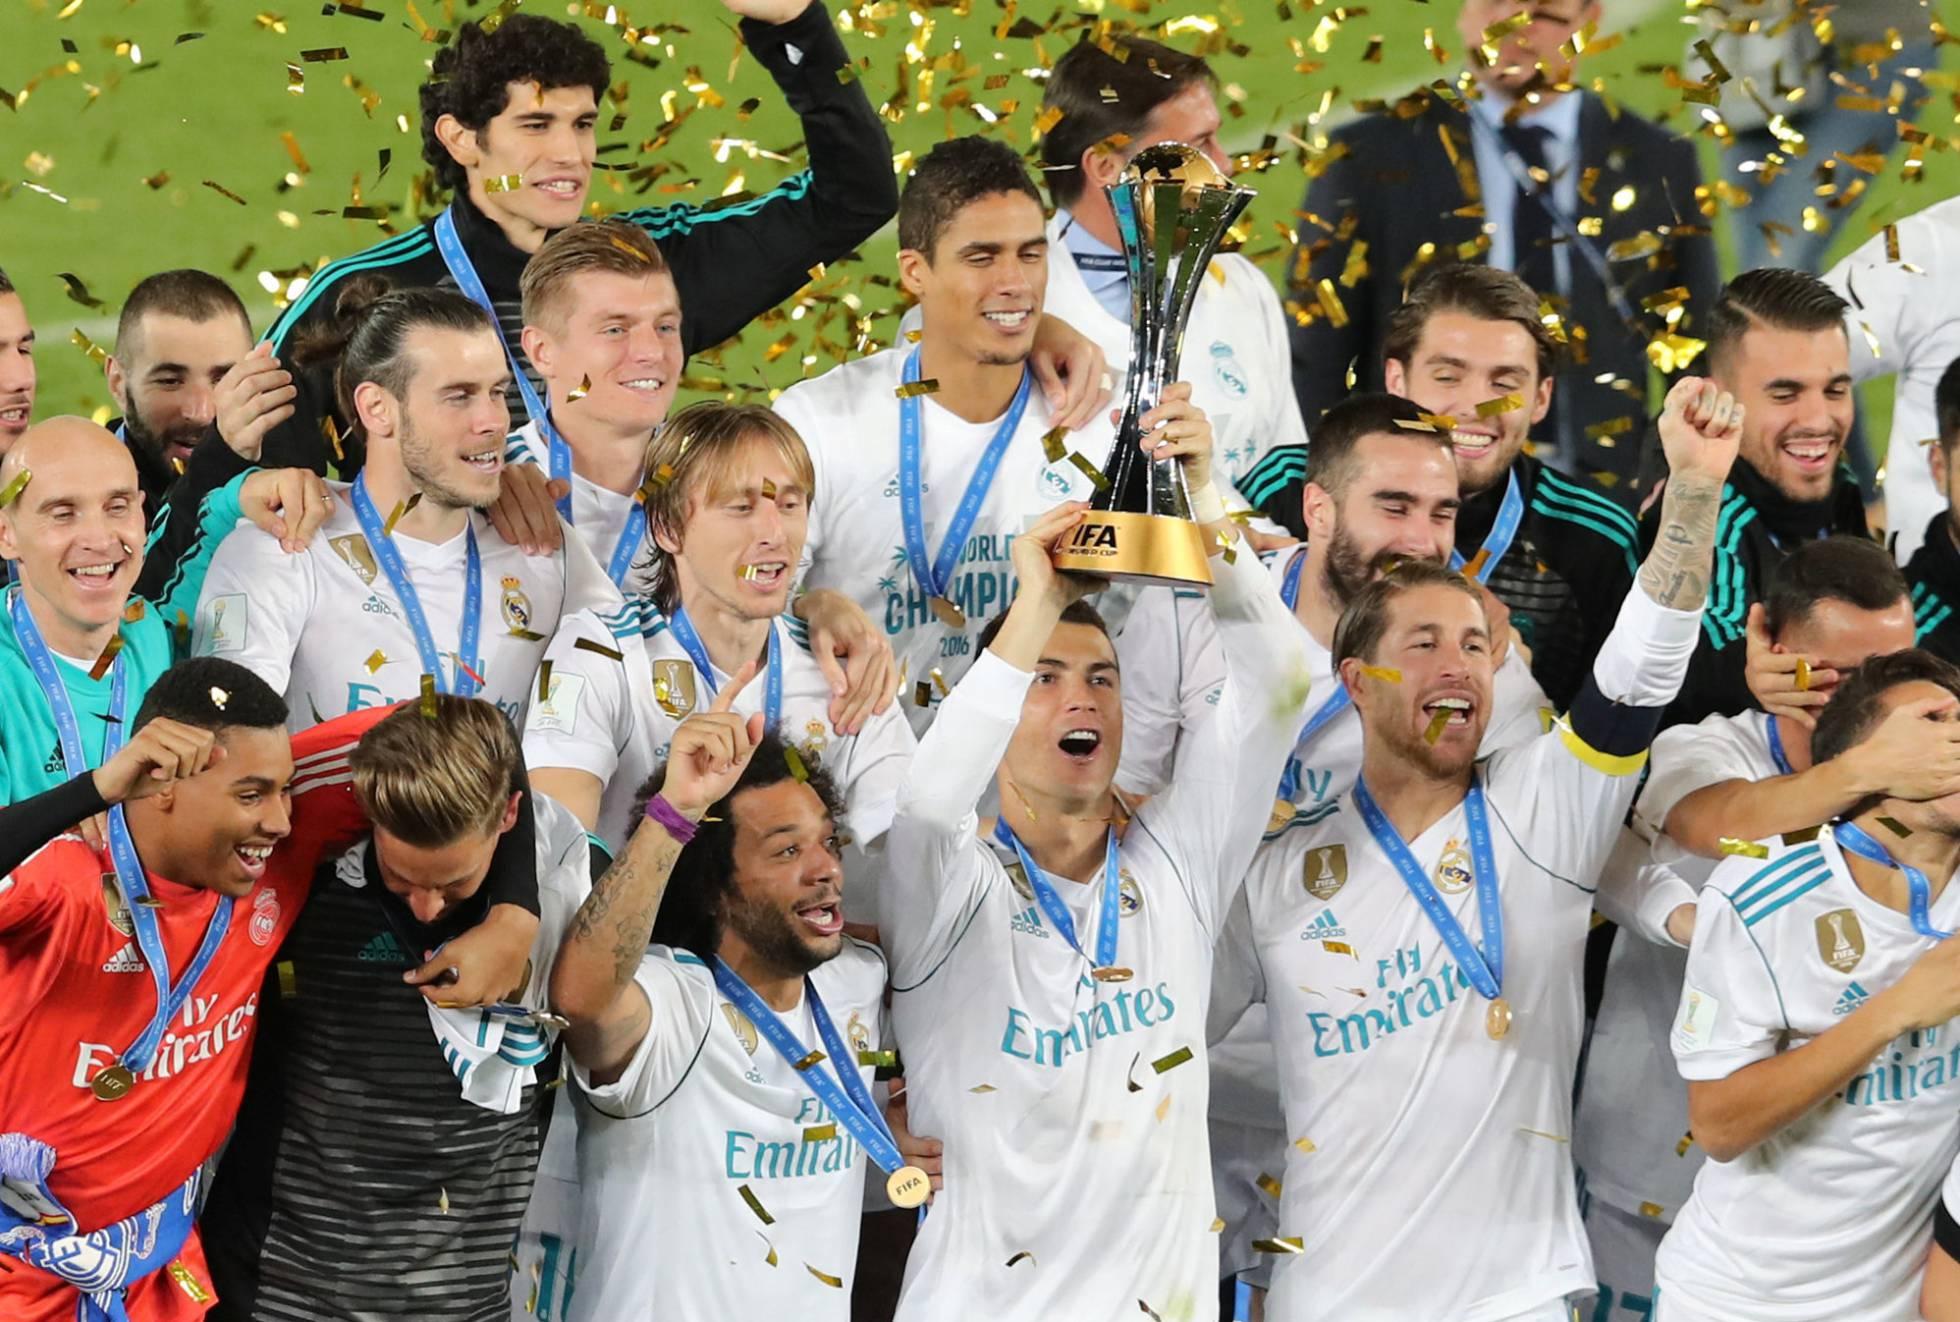 imágenes del Real Madrid Campeón Mundial Clubes 2017